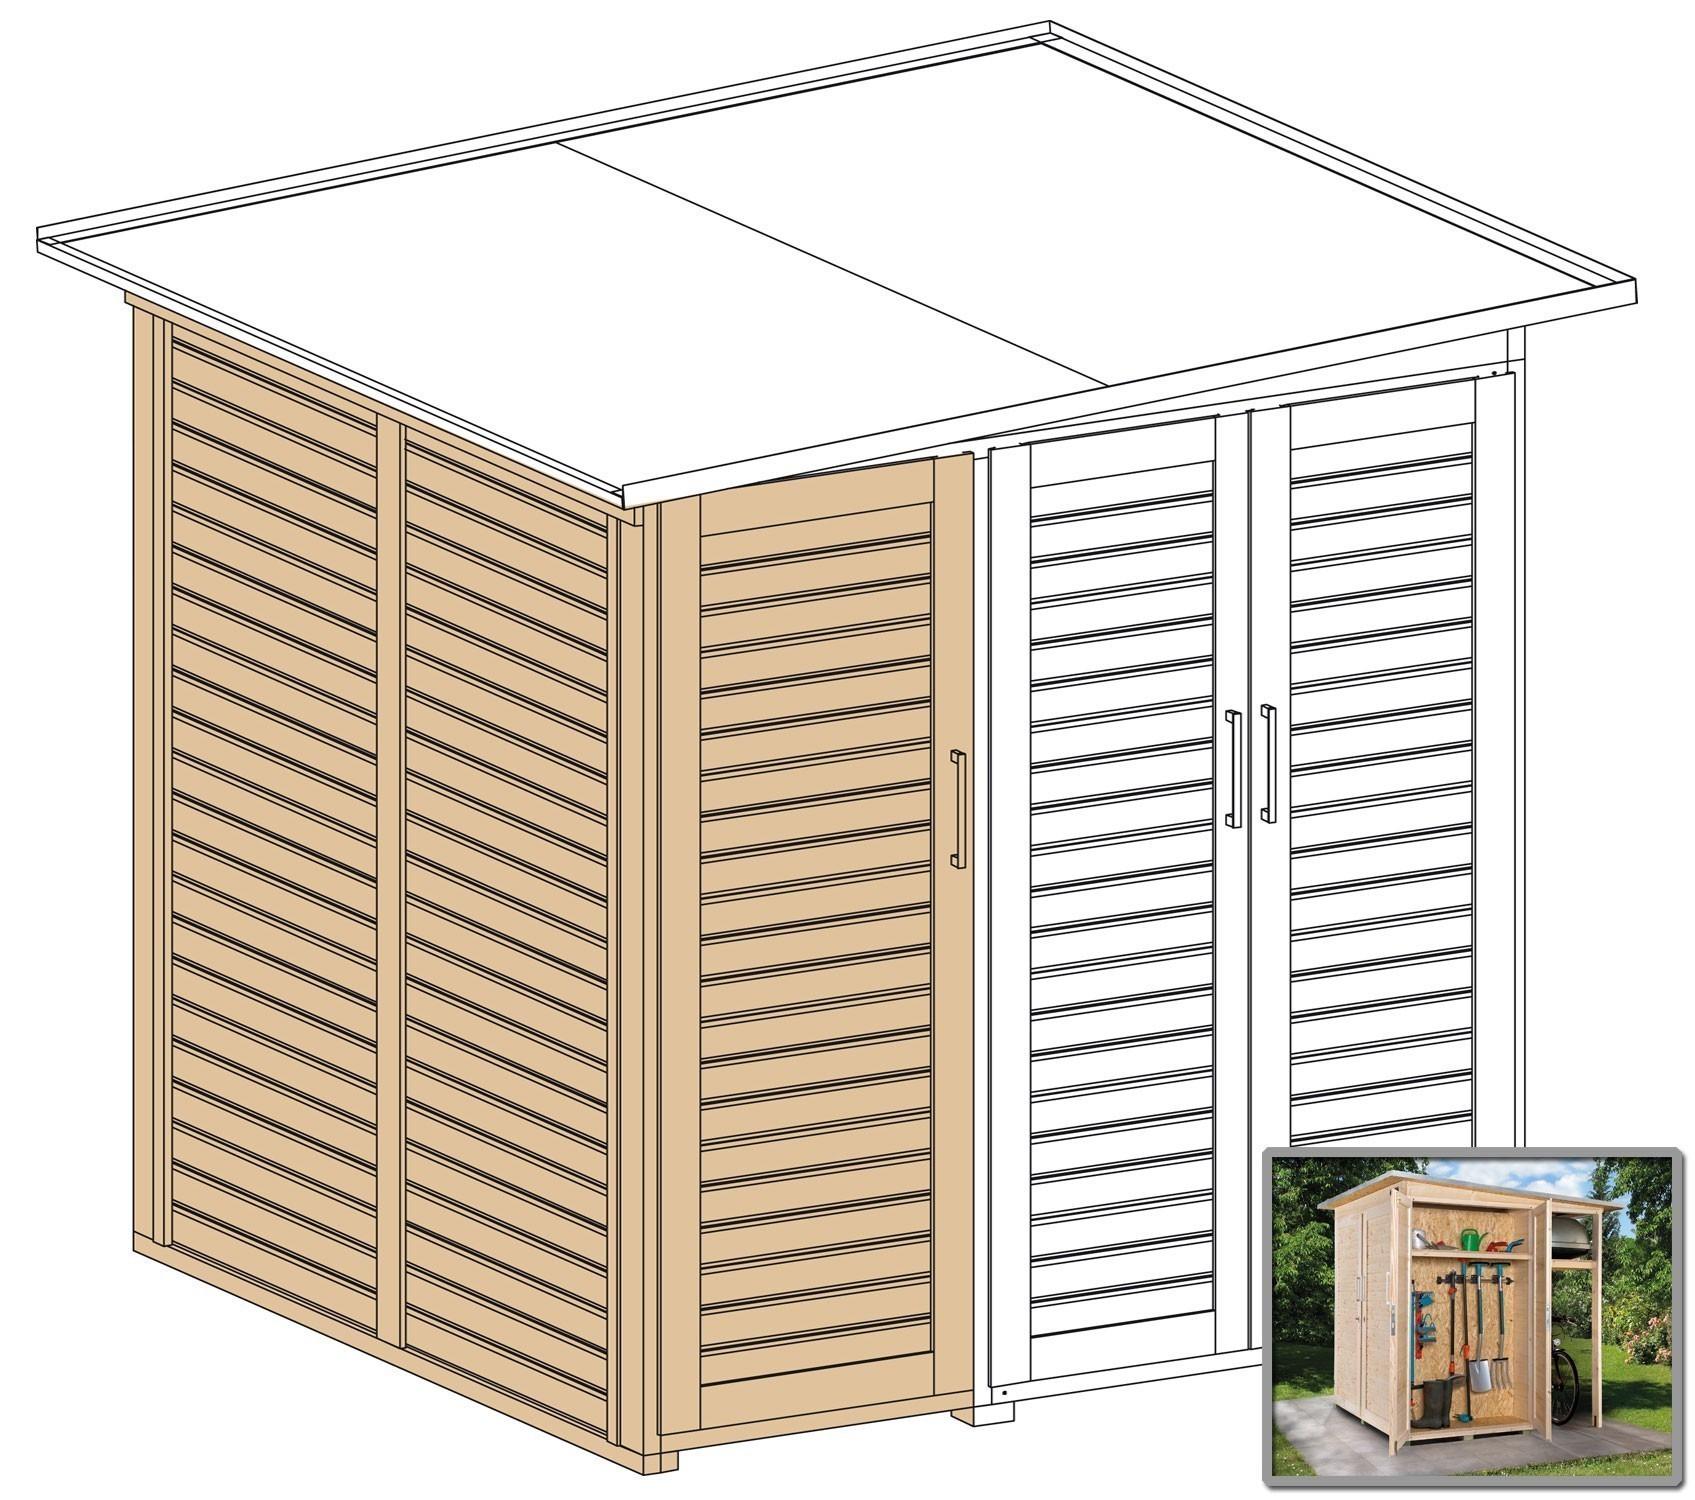 Erweiterungsbausatz für WEKA Gerätehaus GartenQ 2 Türen natur Bild 2